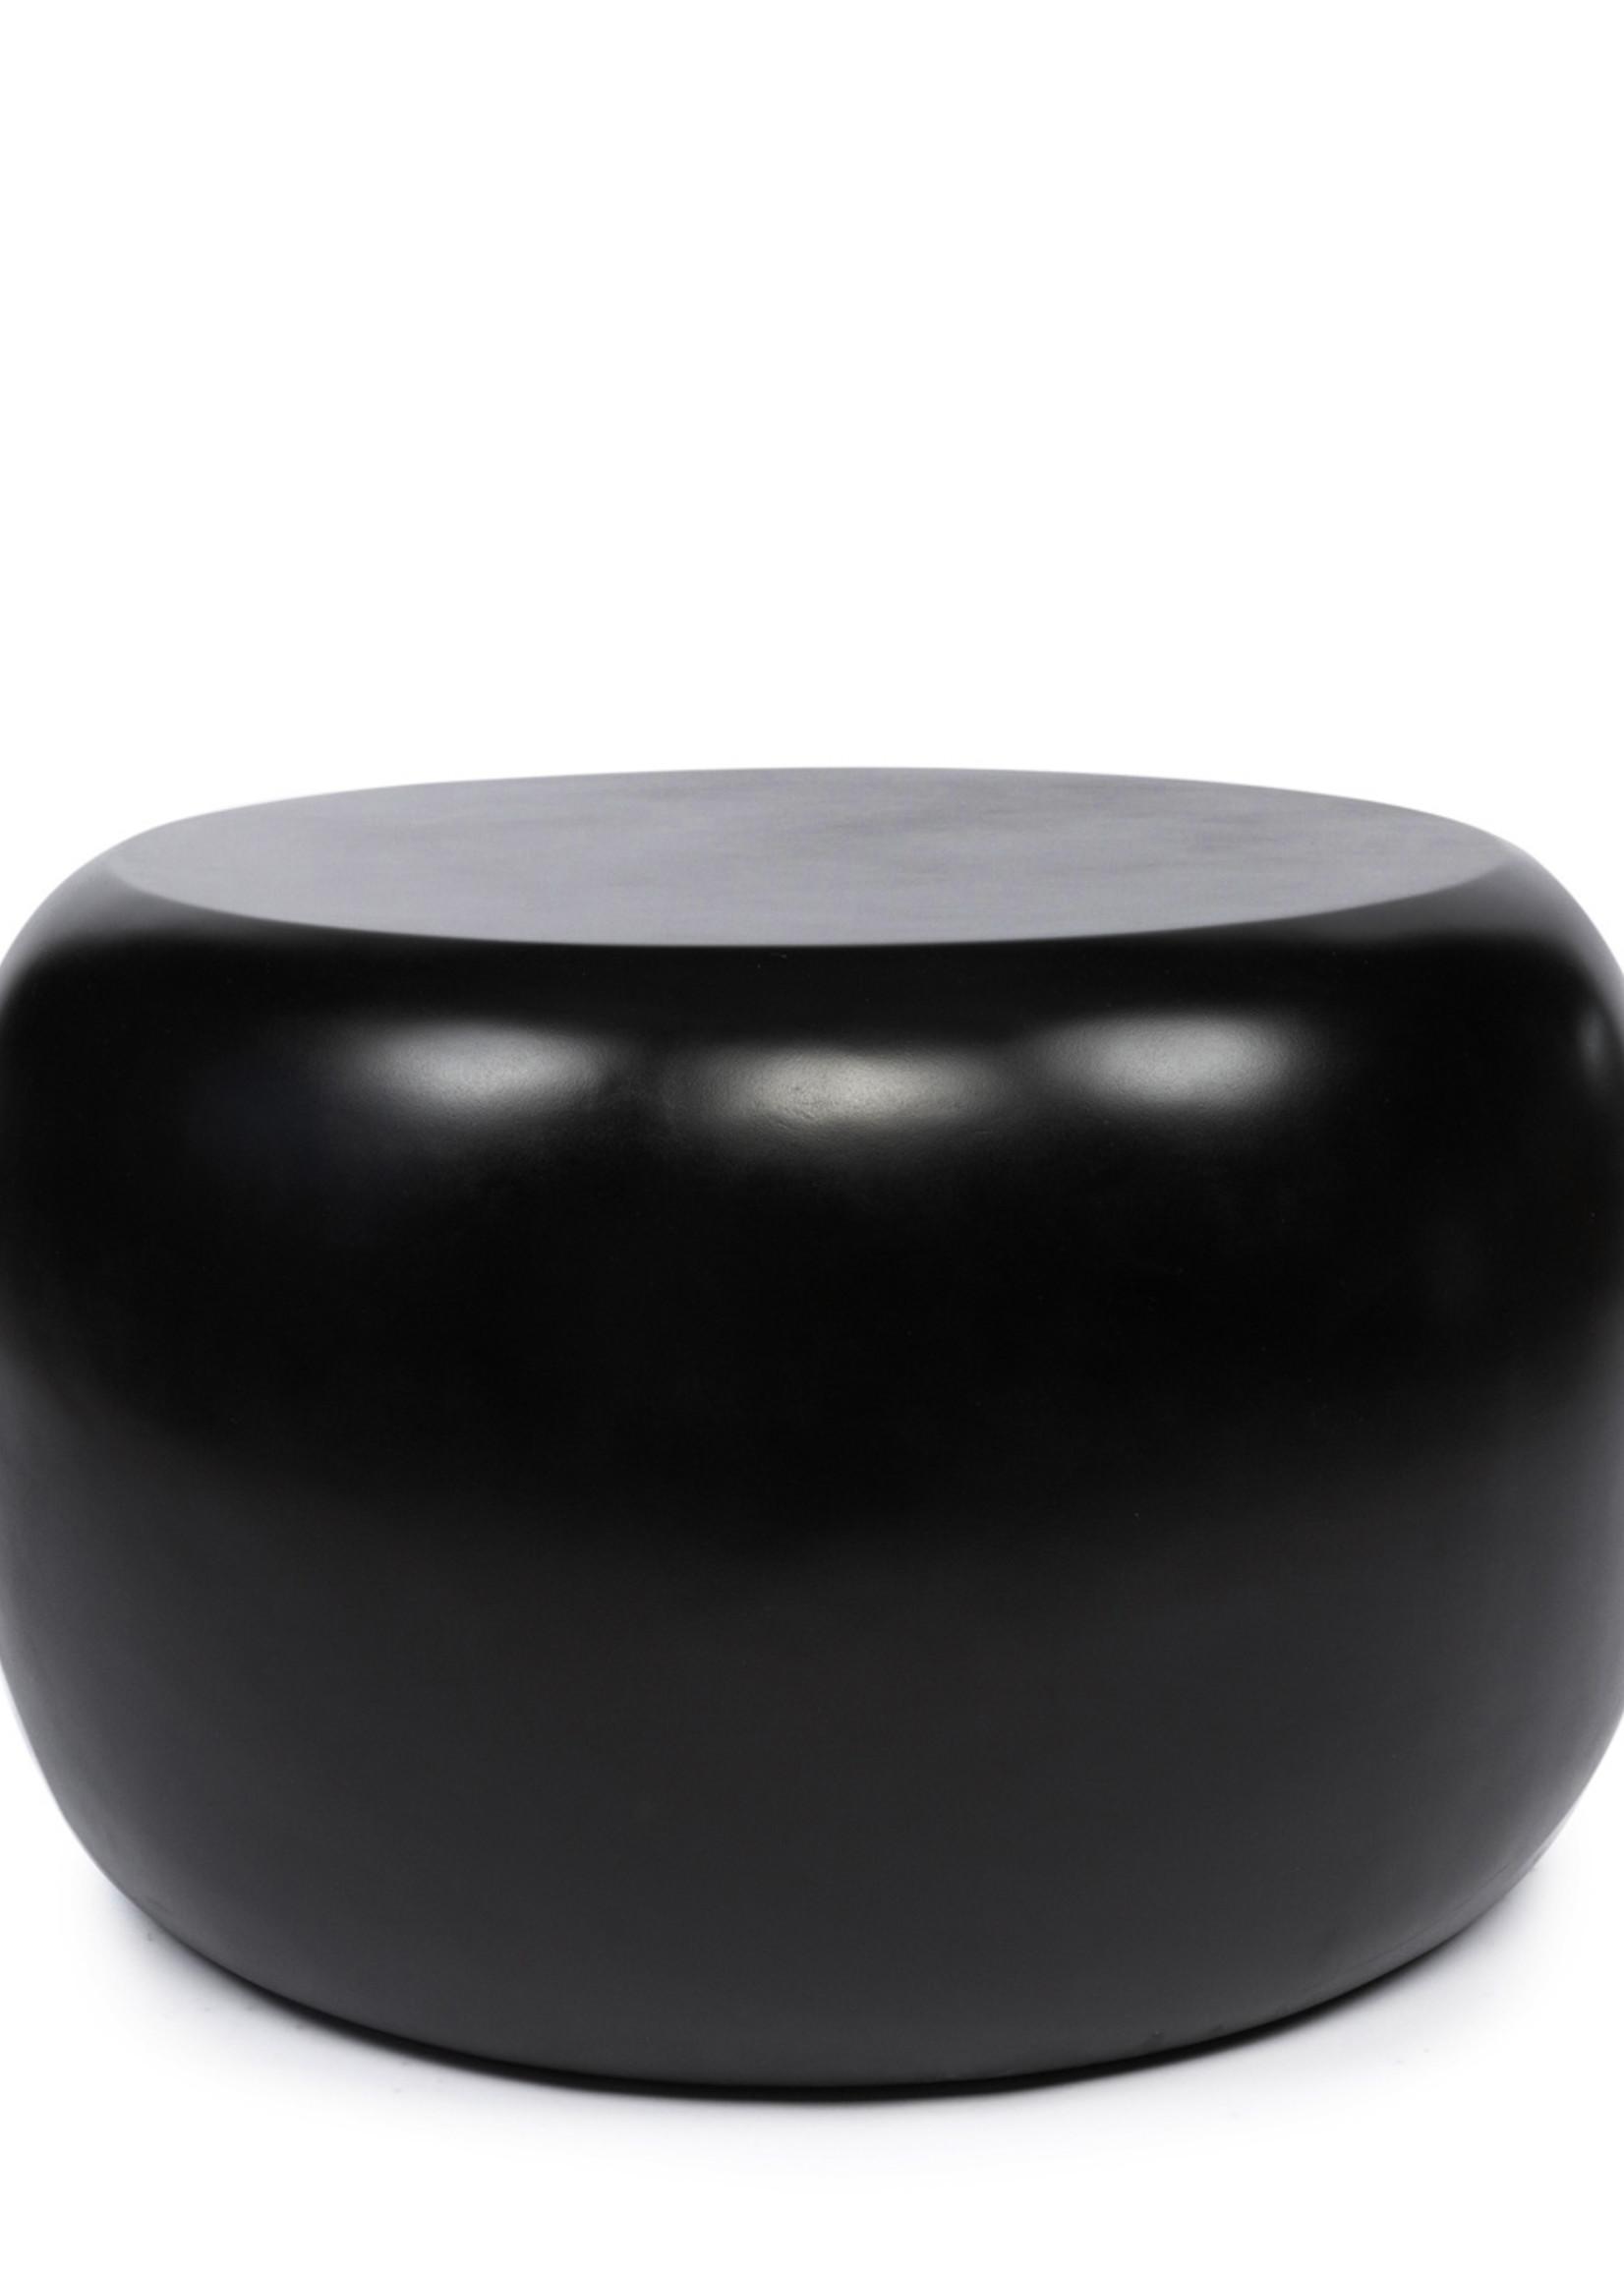 The Matt Side table - Black